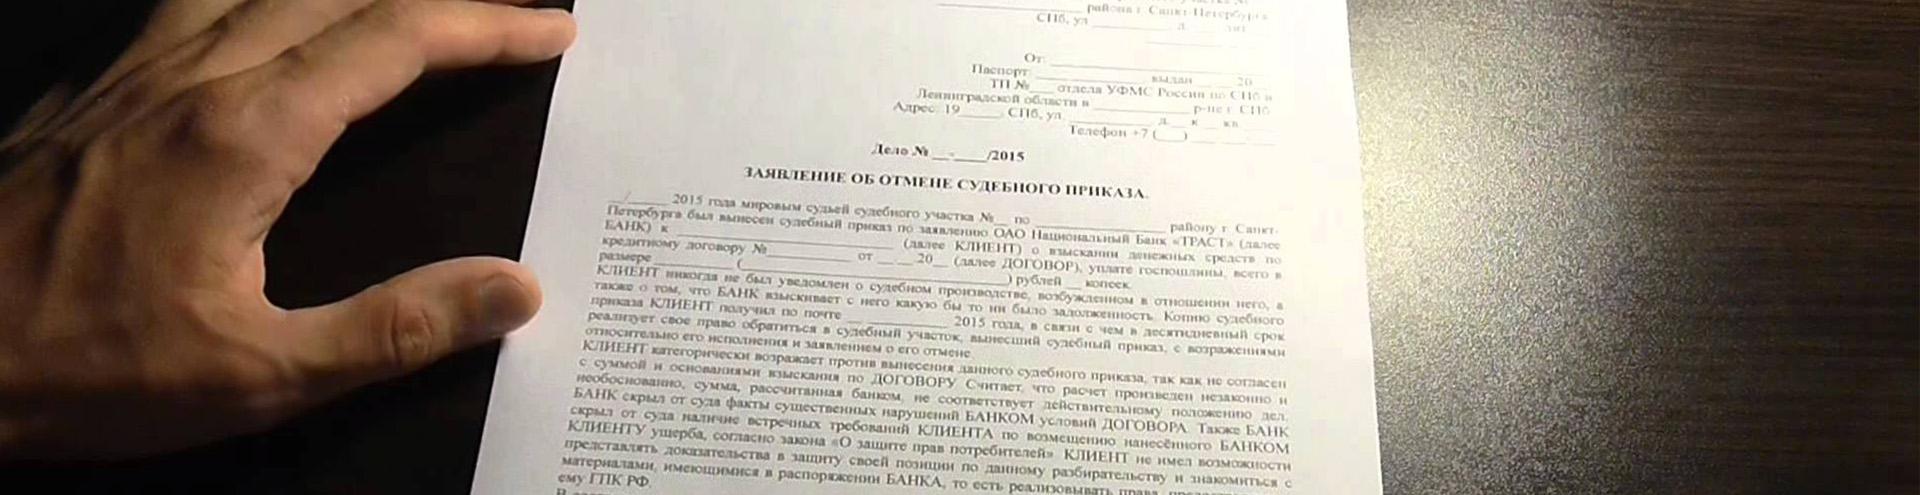 отмена судебного приказа в Ижевске и Удмуртской Республике